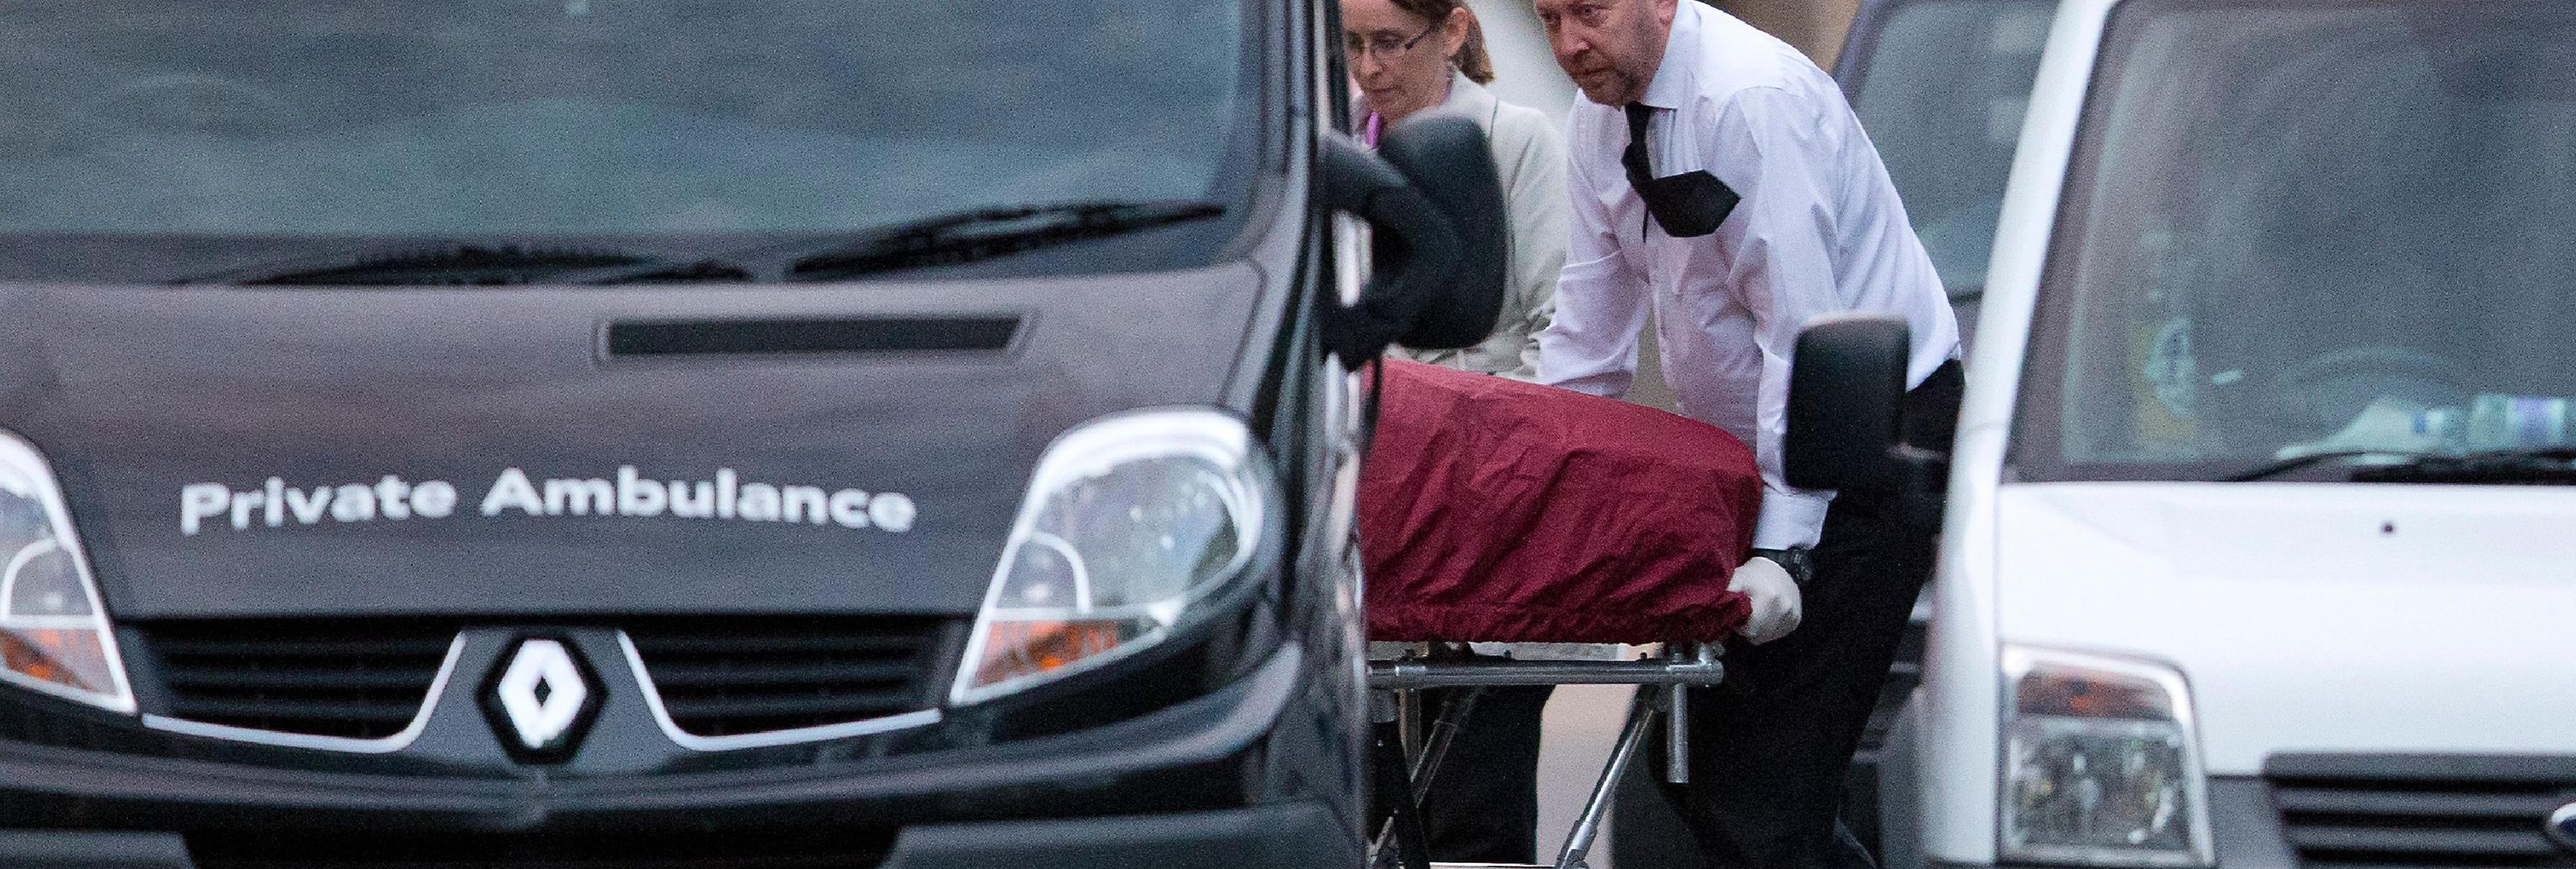 Una mujer muerta y cinco heridos en el ataque con cuchillo del centro de Londres